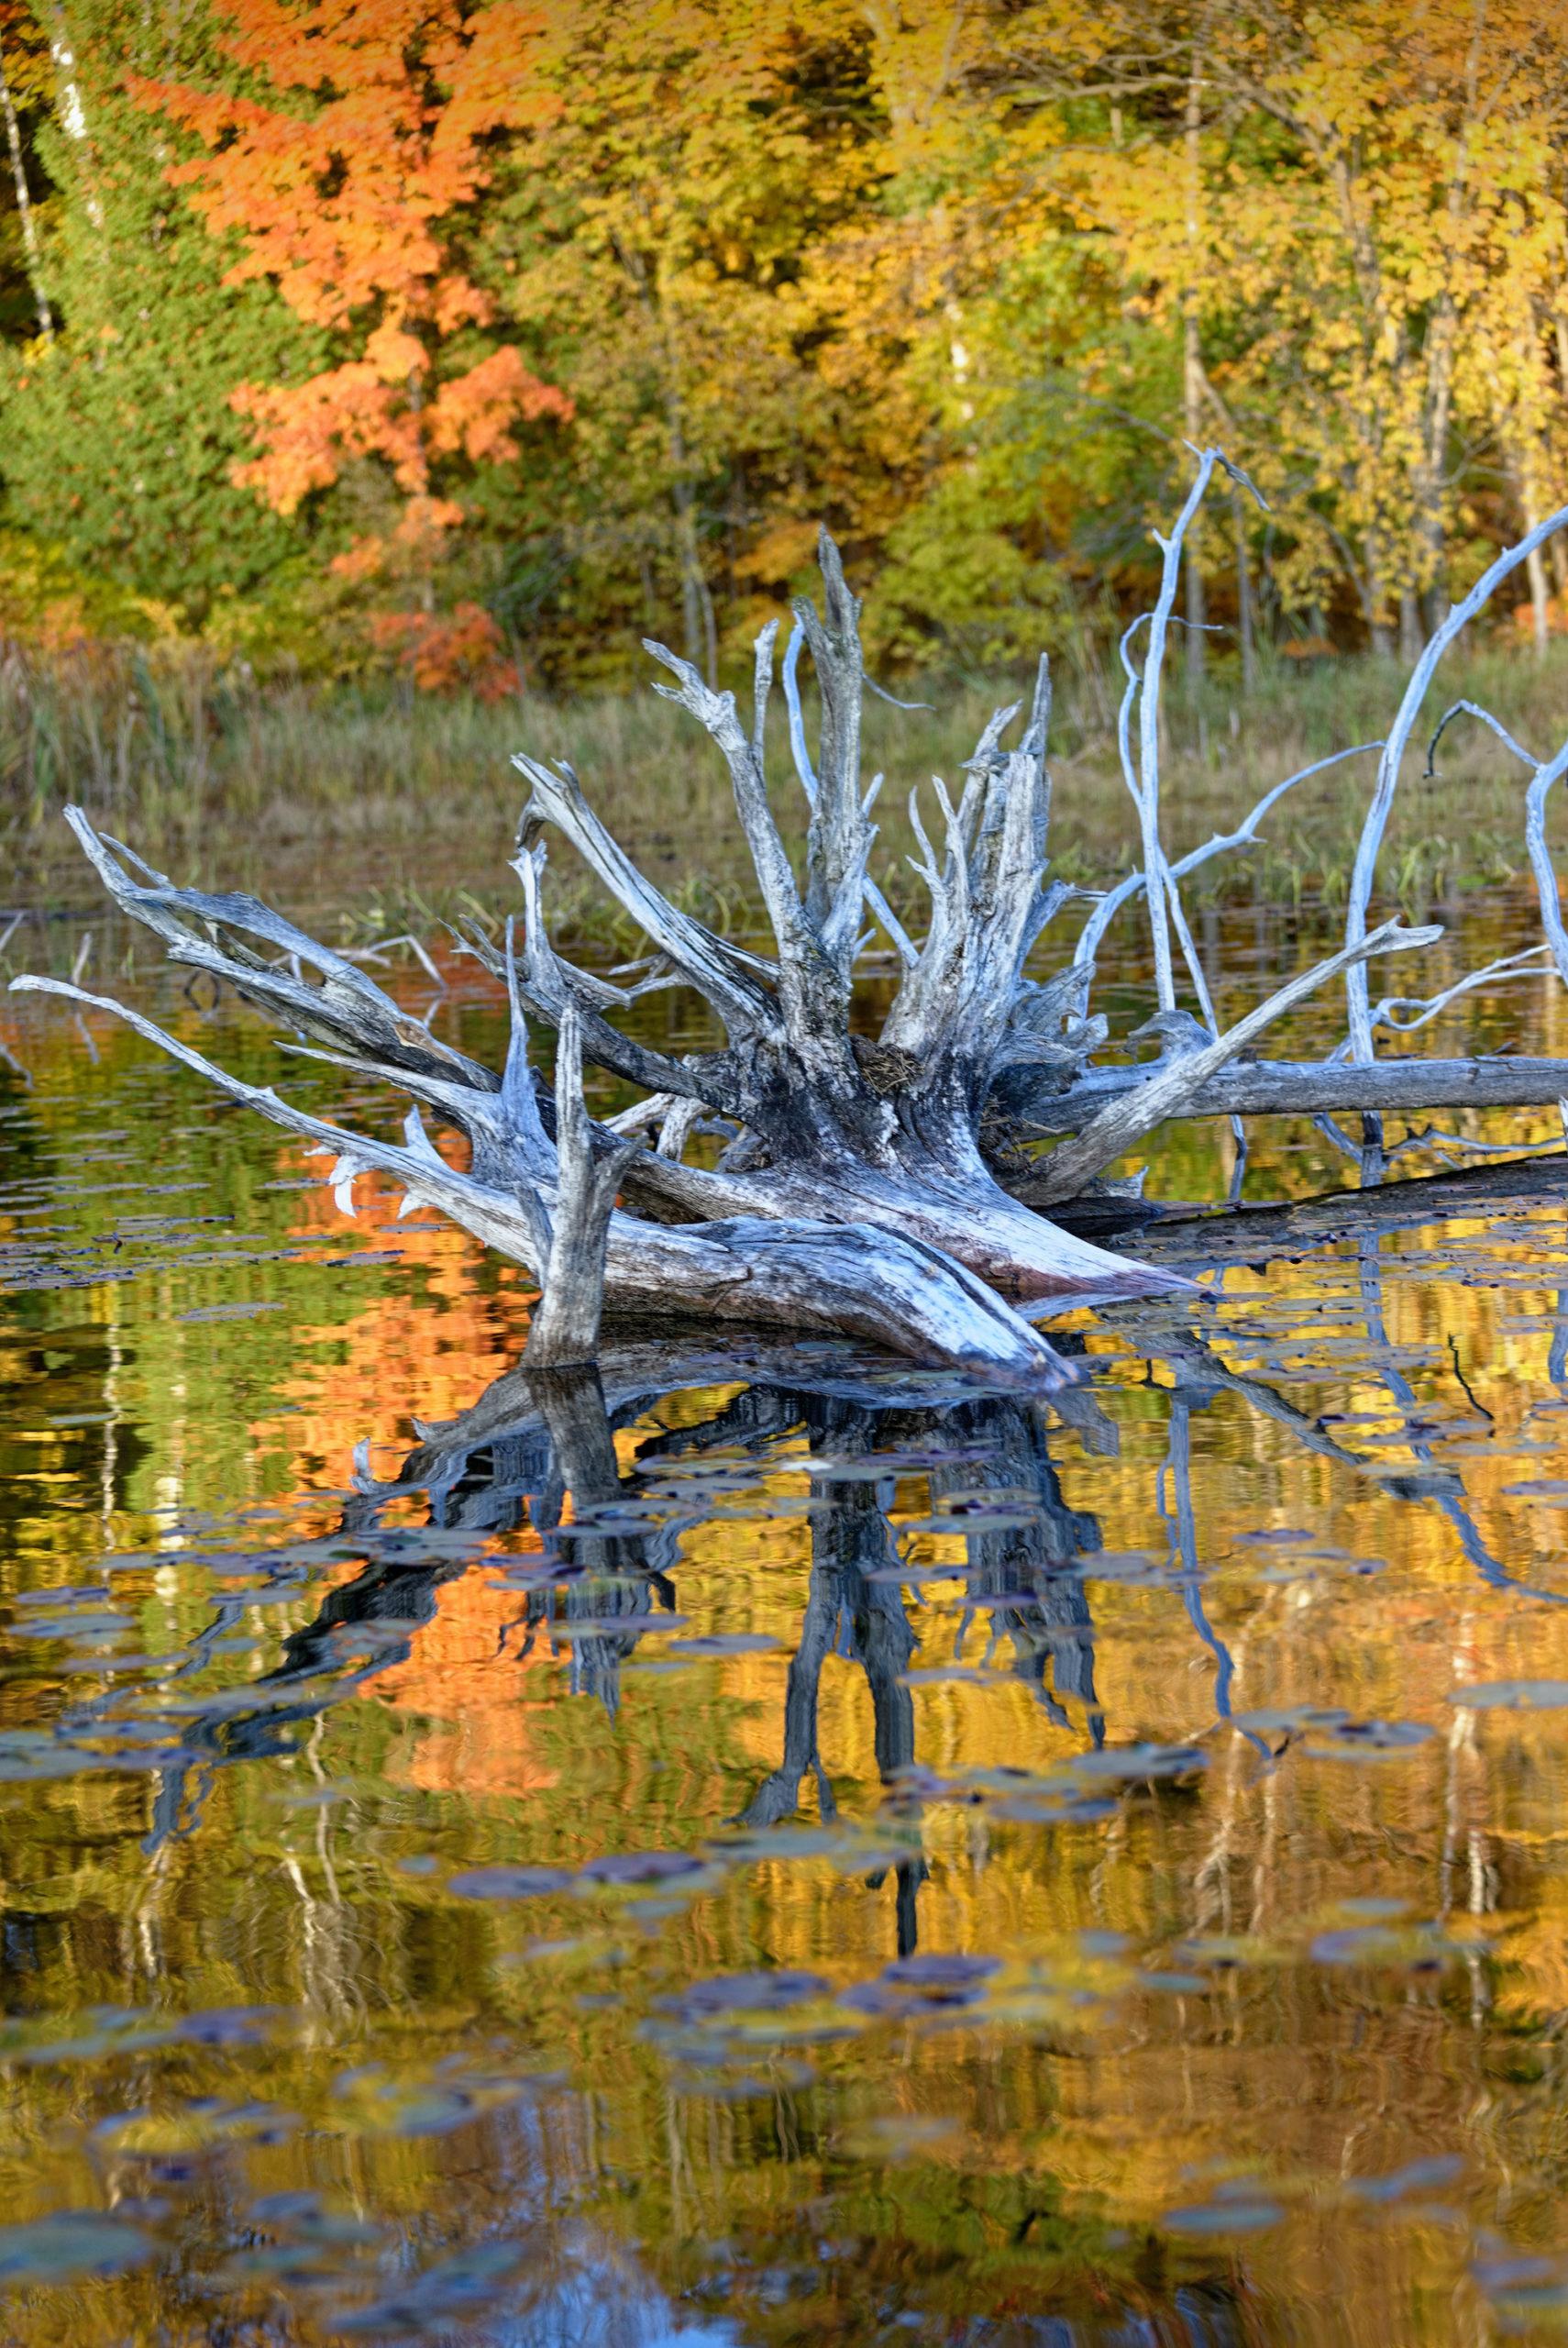 Wood in wetland